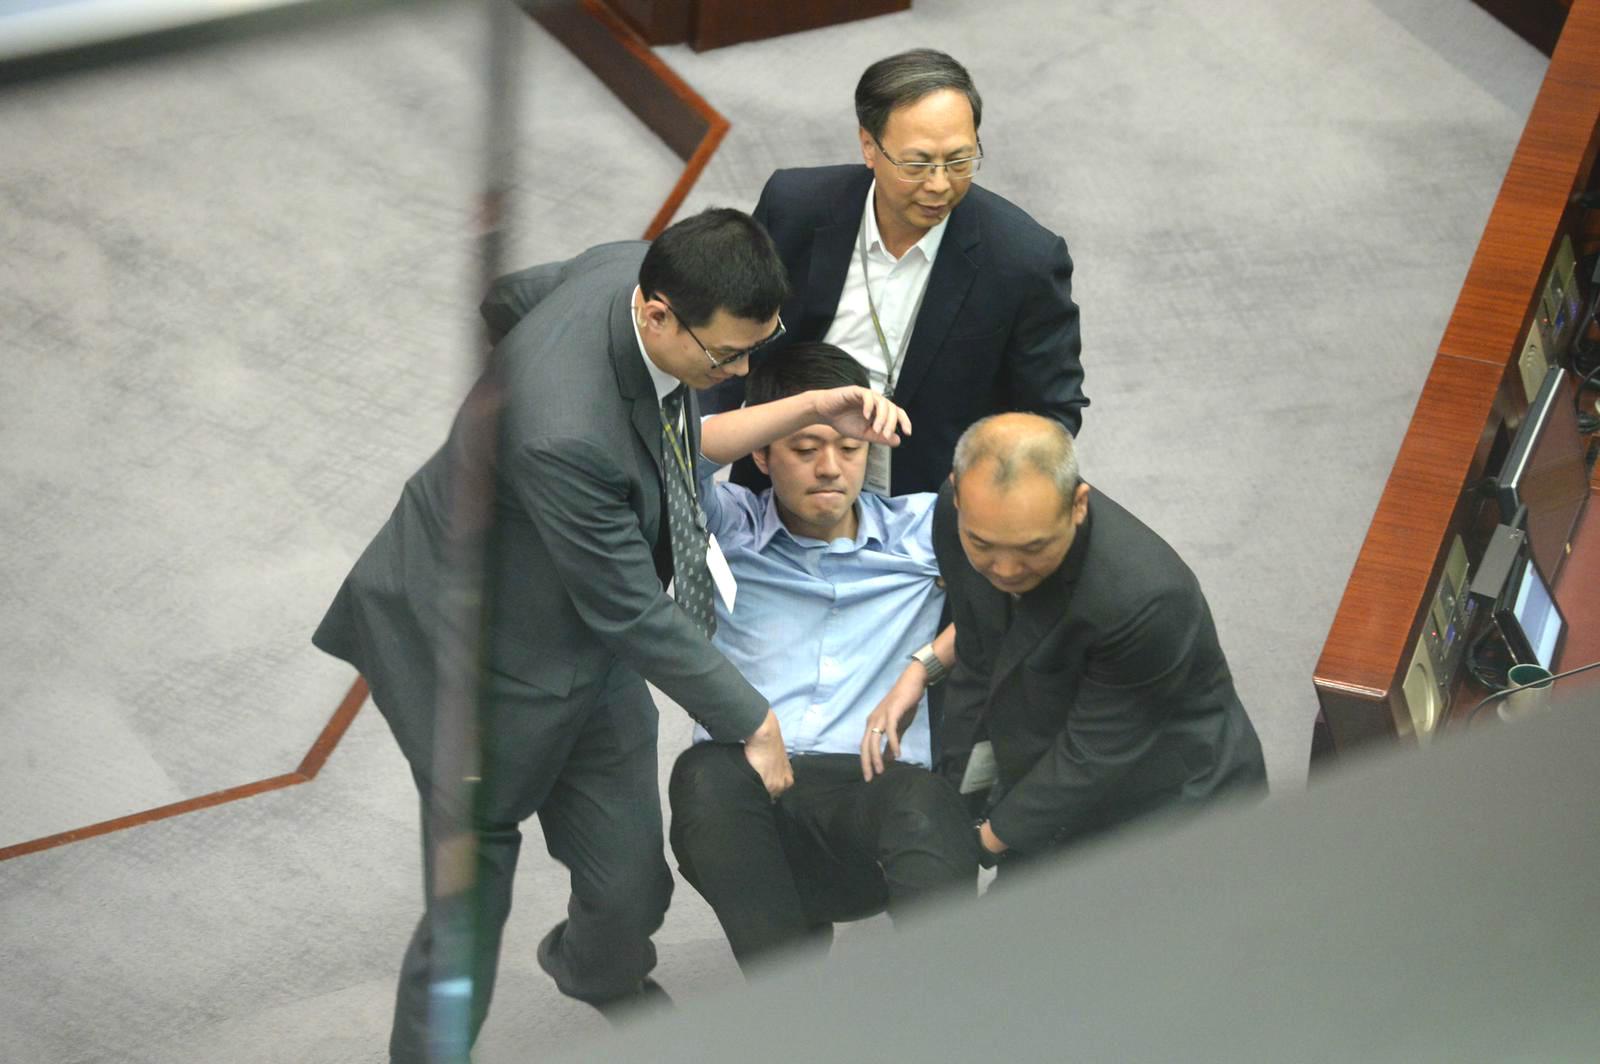 許智峯被驅逐出會議。資料圖片